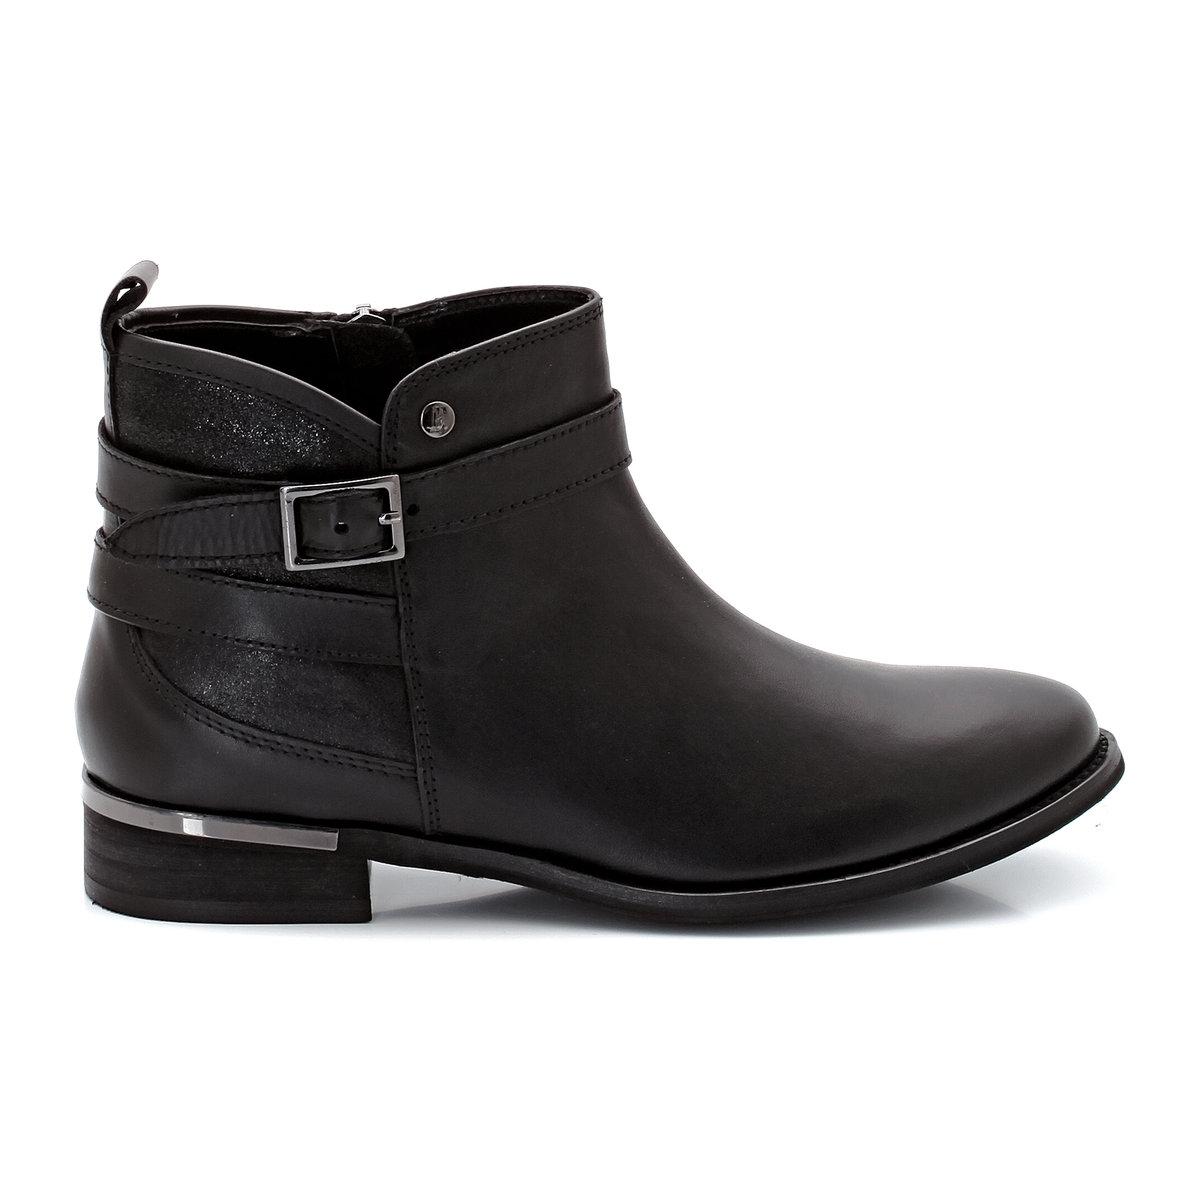 Ботильоны кожаные на молнии, металлические деталиИзящные, женственные и на пике последних тенденций, современная модель с металлическими деталями. Эти кожаные ботильоны сочетаются с нашими нарядами городского стиля.<br><br>Цвет: черный<br>Размер: 38